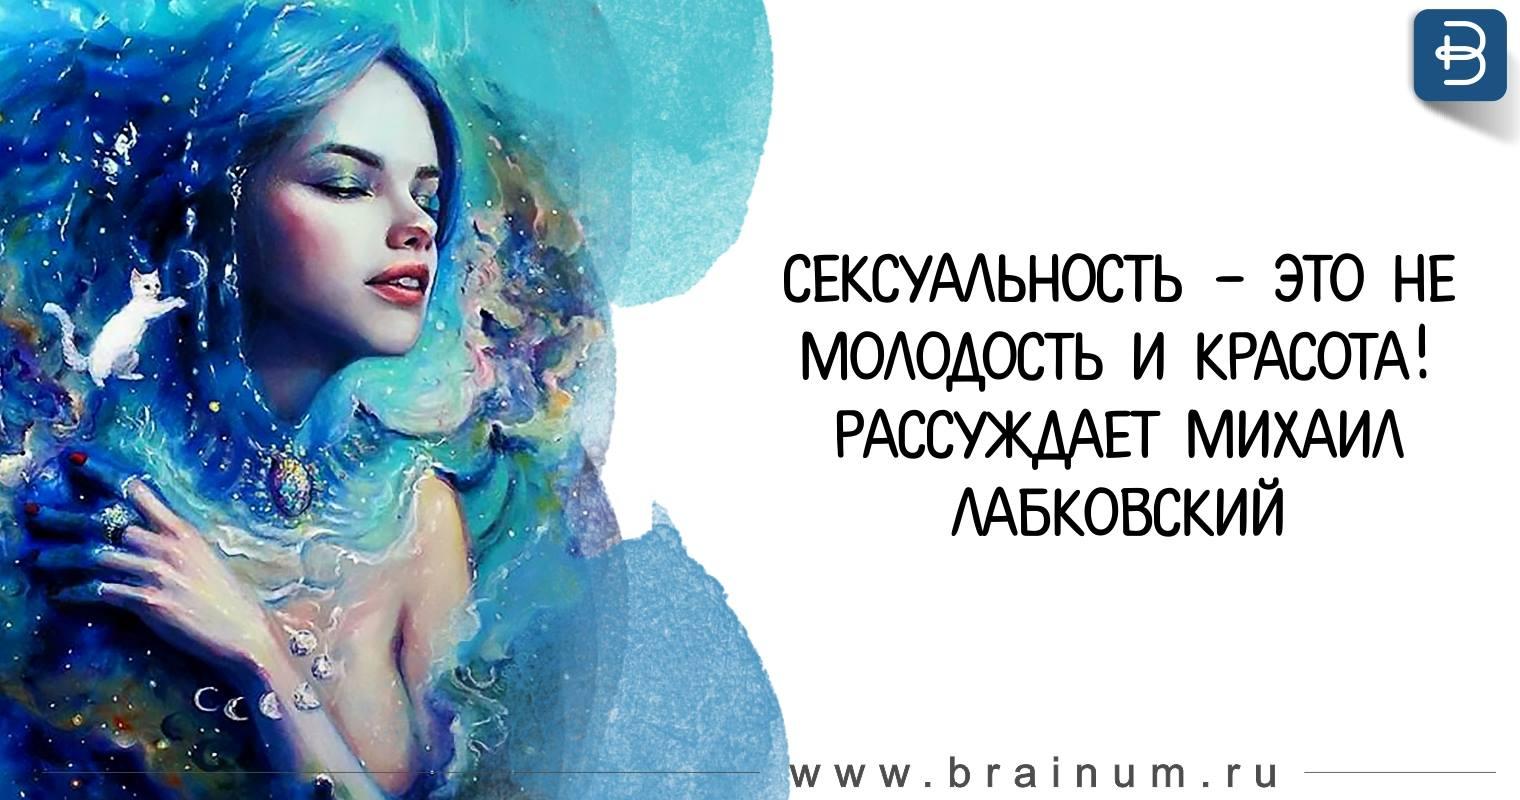 Молодость красота сексуальность